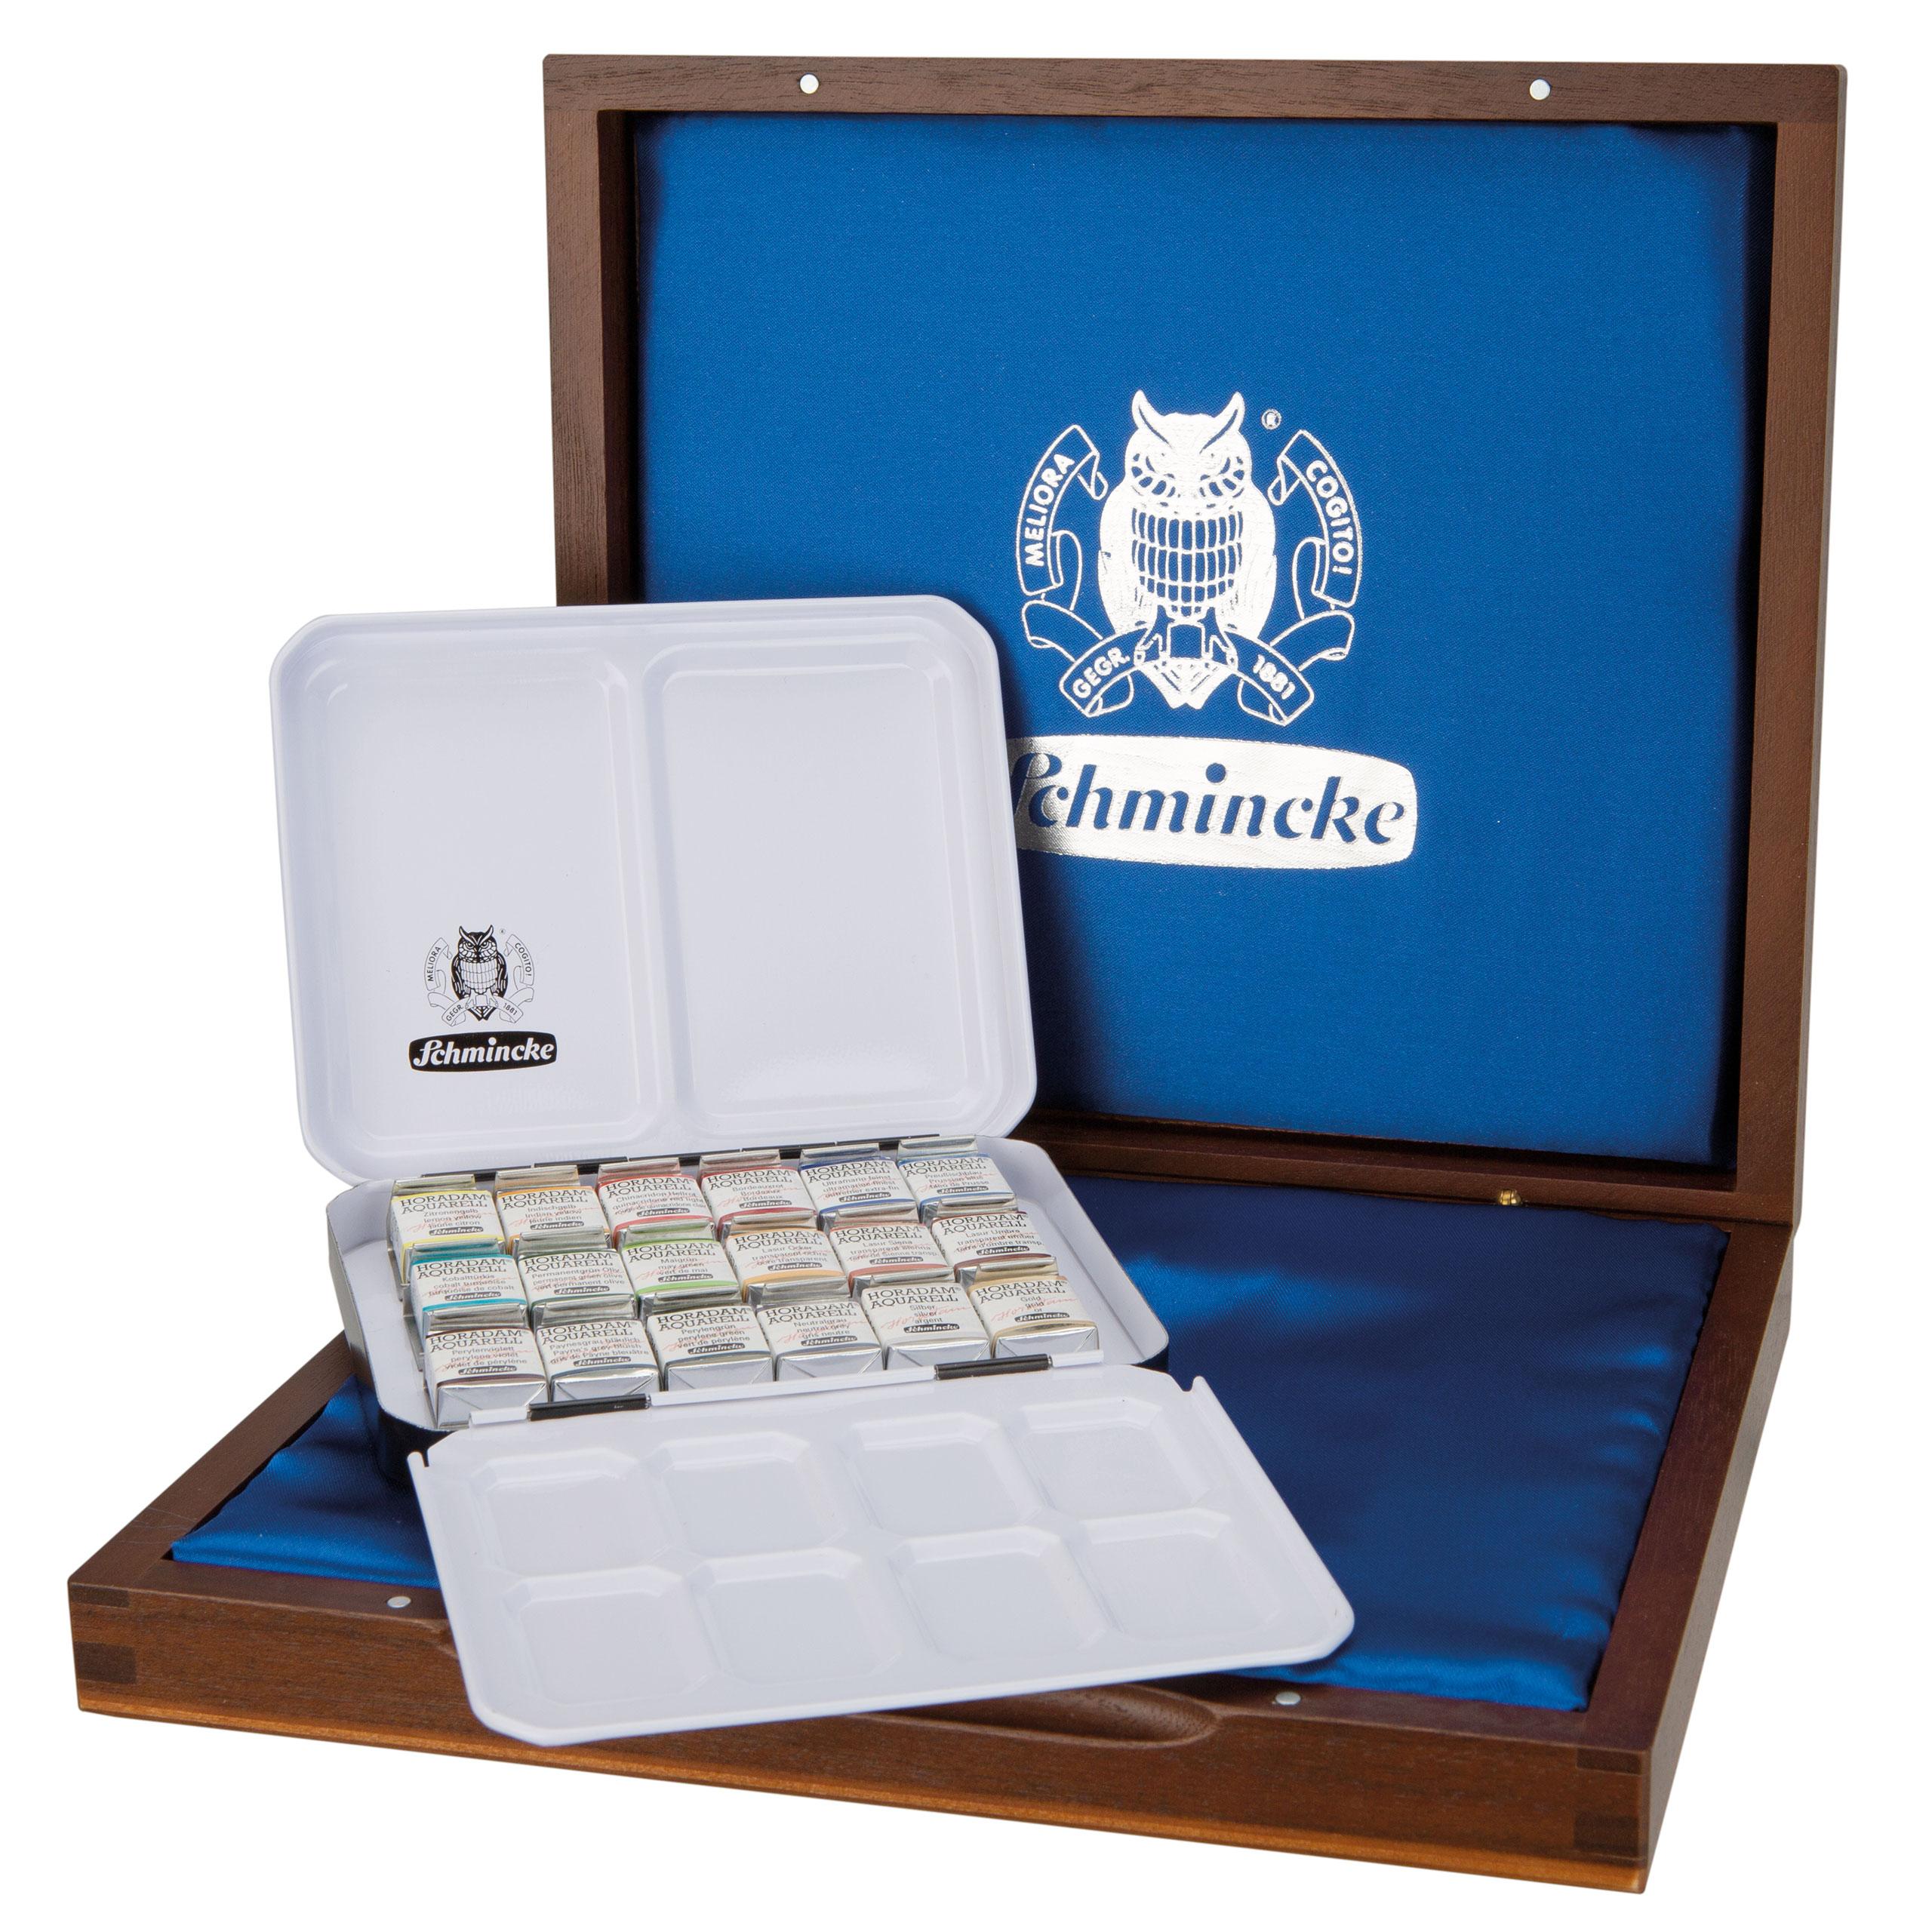 Horadam Aquarell Limited Edition Schmincke 74 833 097 ***